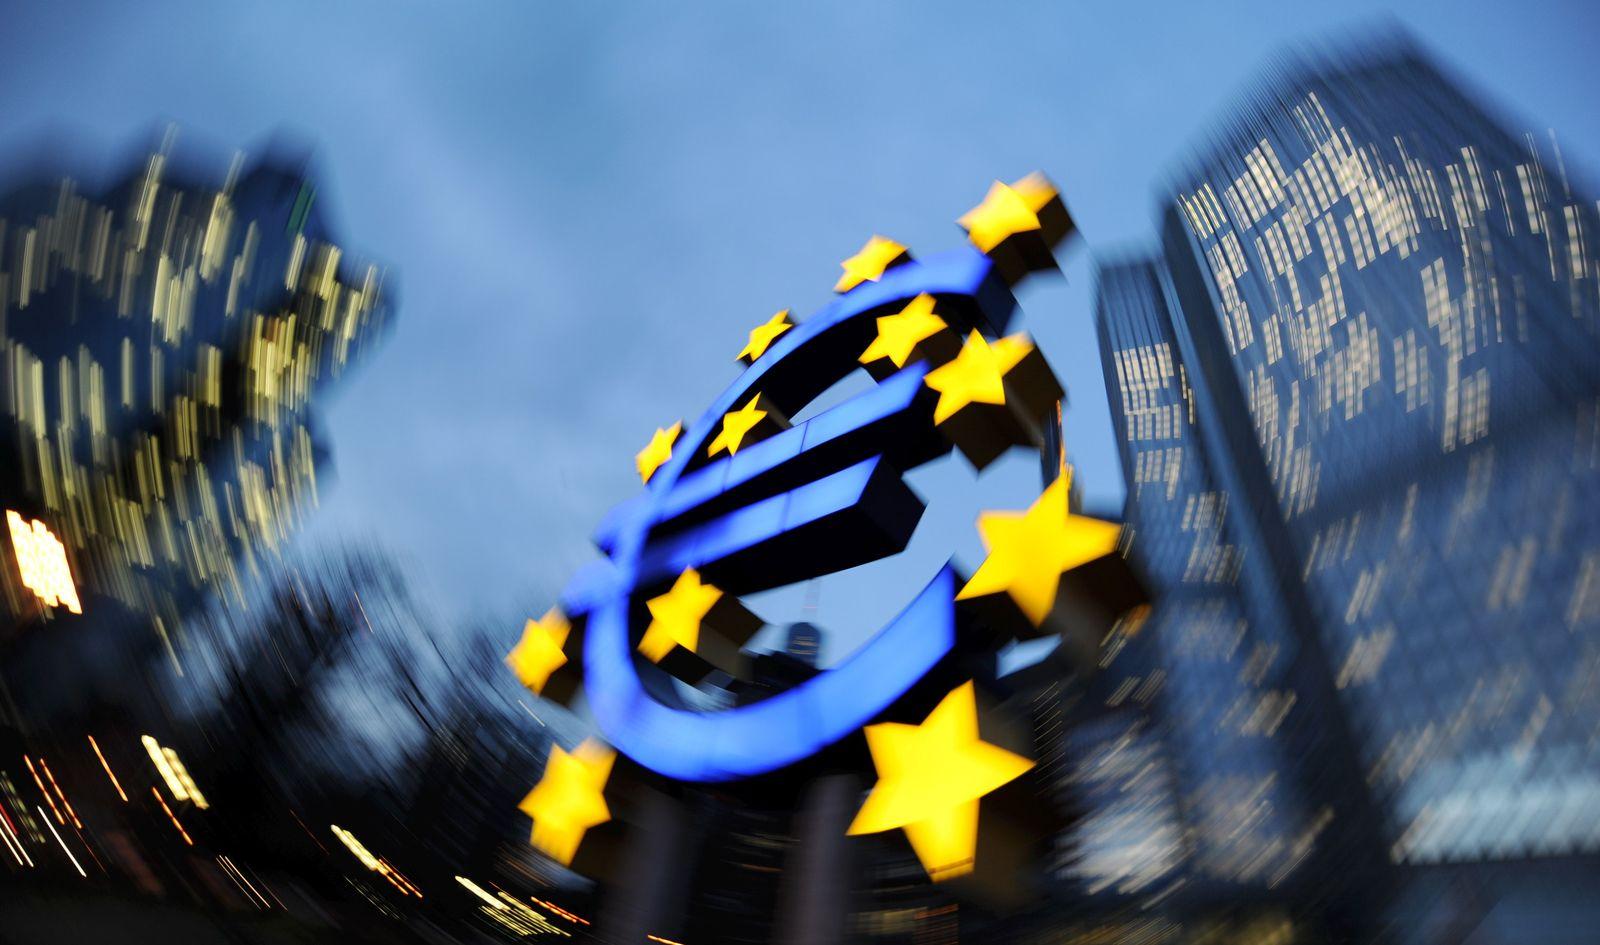 Kritik an EZB-Geldflut